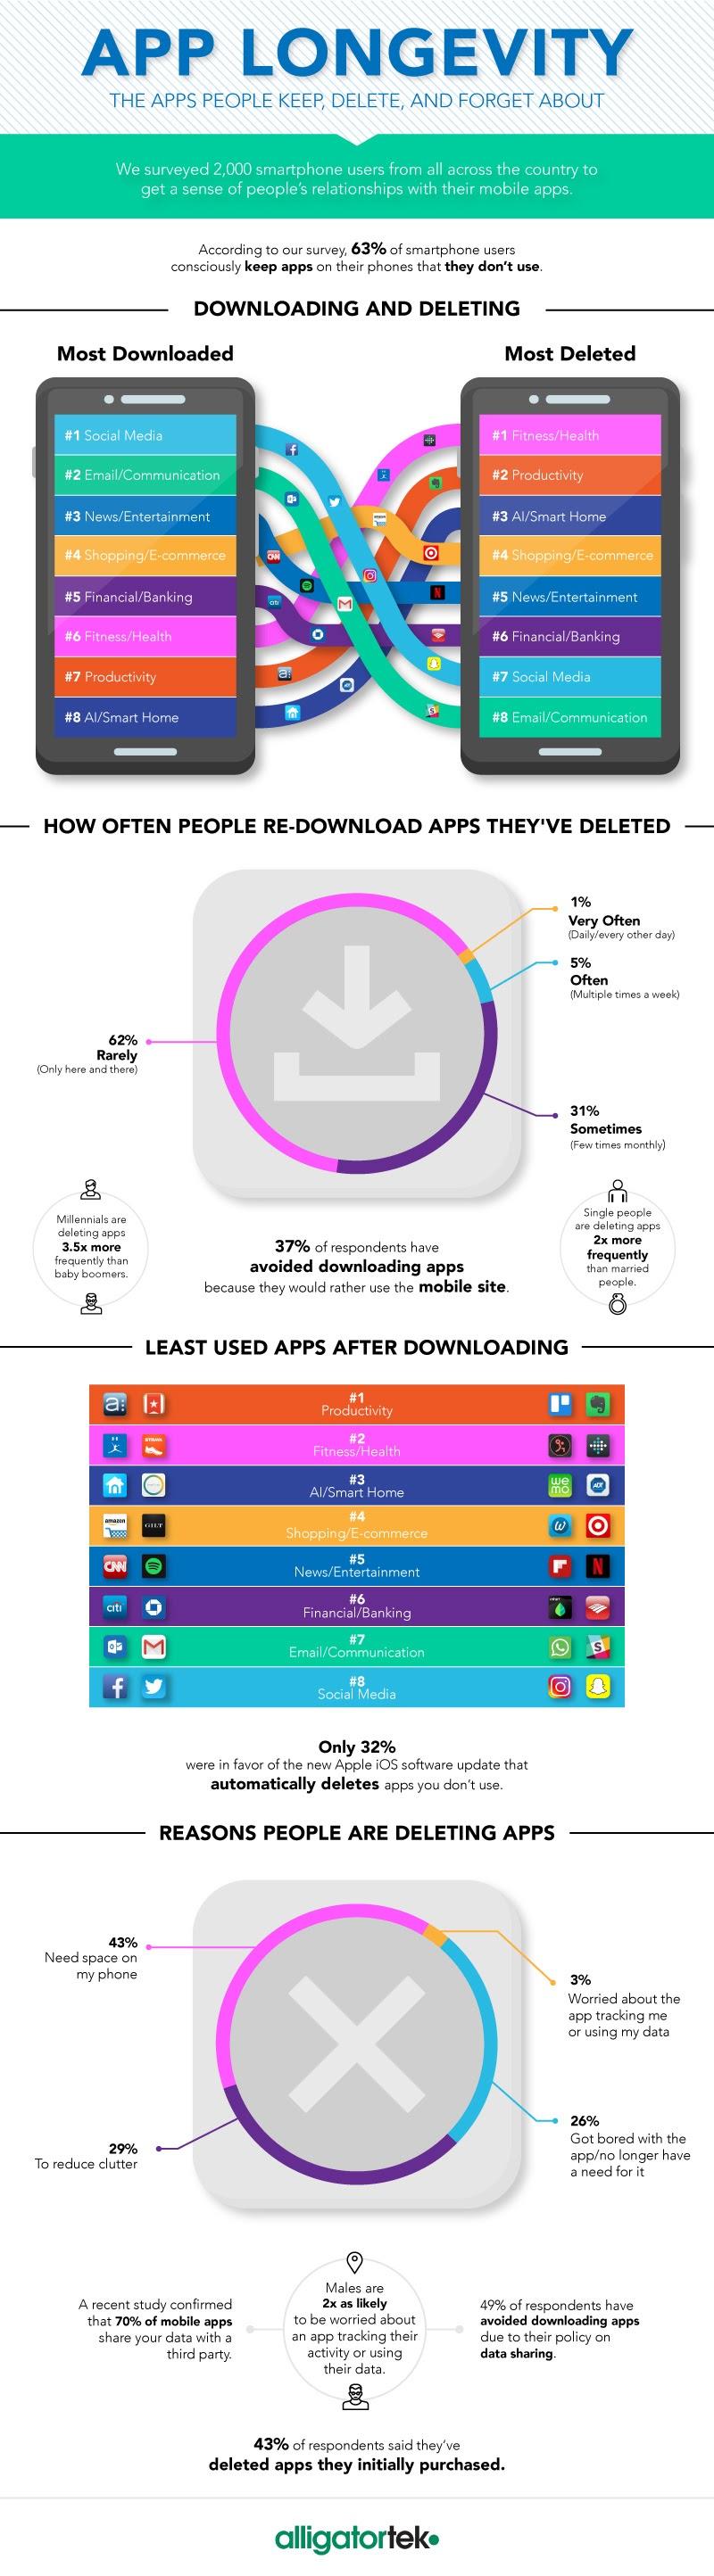 Top 8 de las aplicaciones más descargadas y las 8 más eliminadas según su categoría